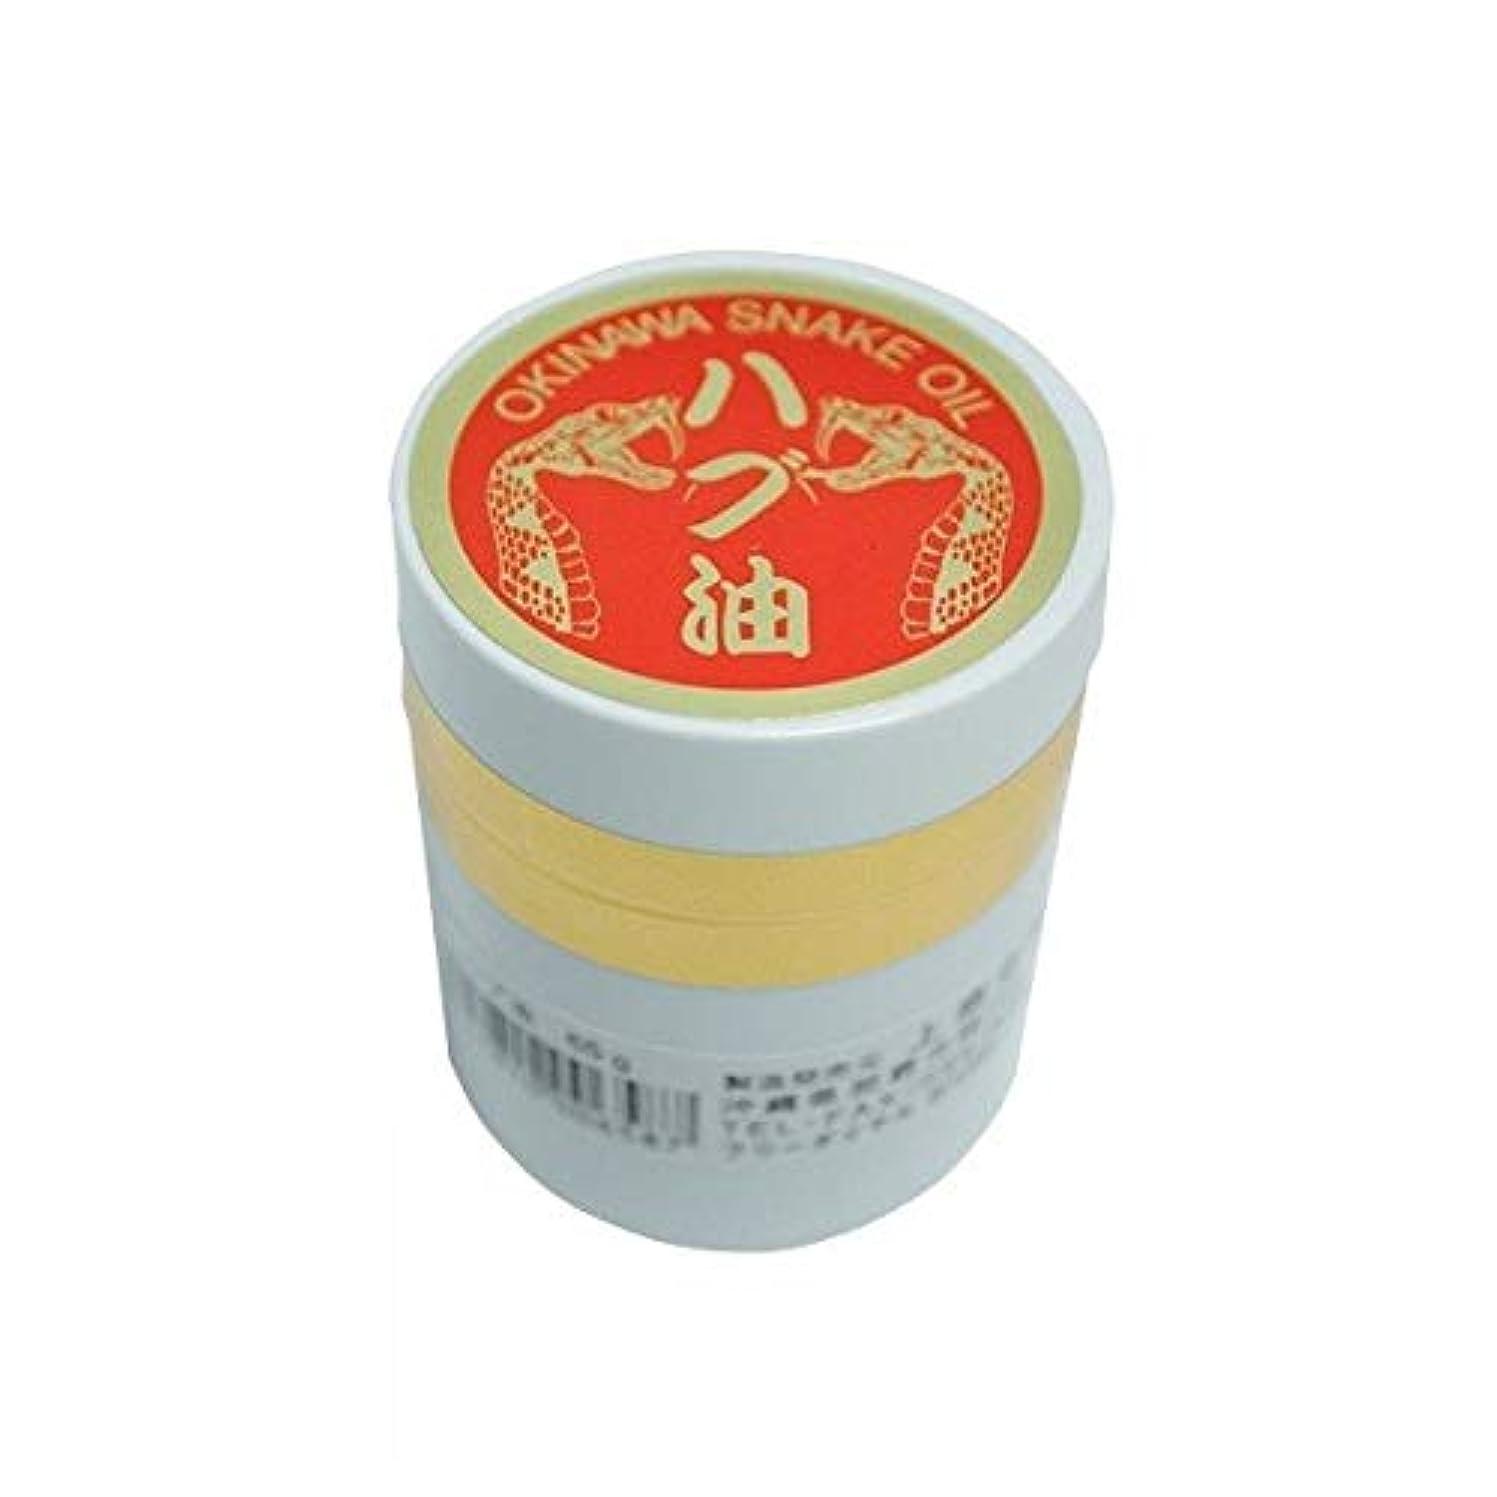 真夜中極端なバルク沖縄産 ハブ油 65g 軟膏タイプ